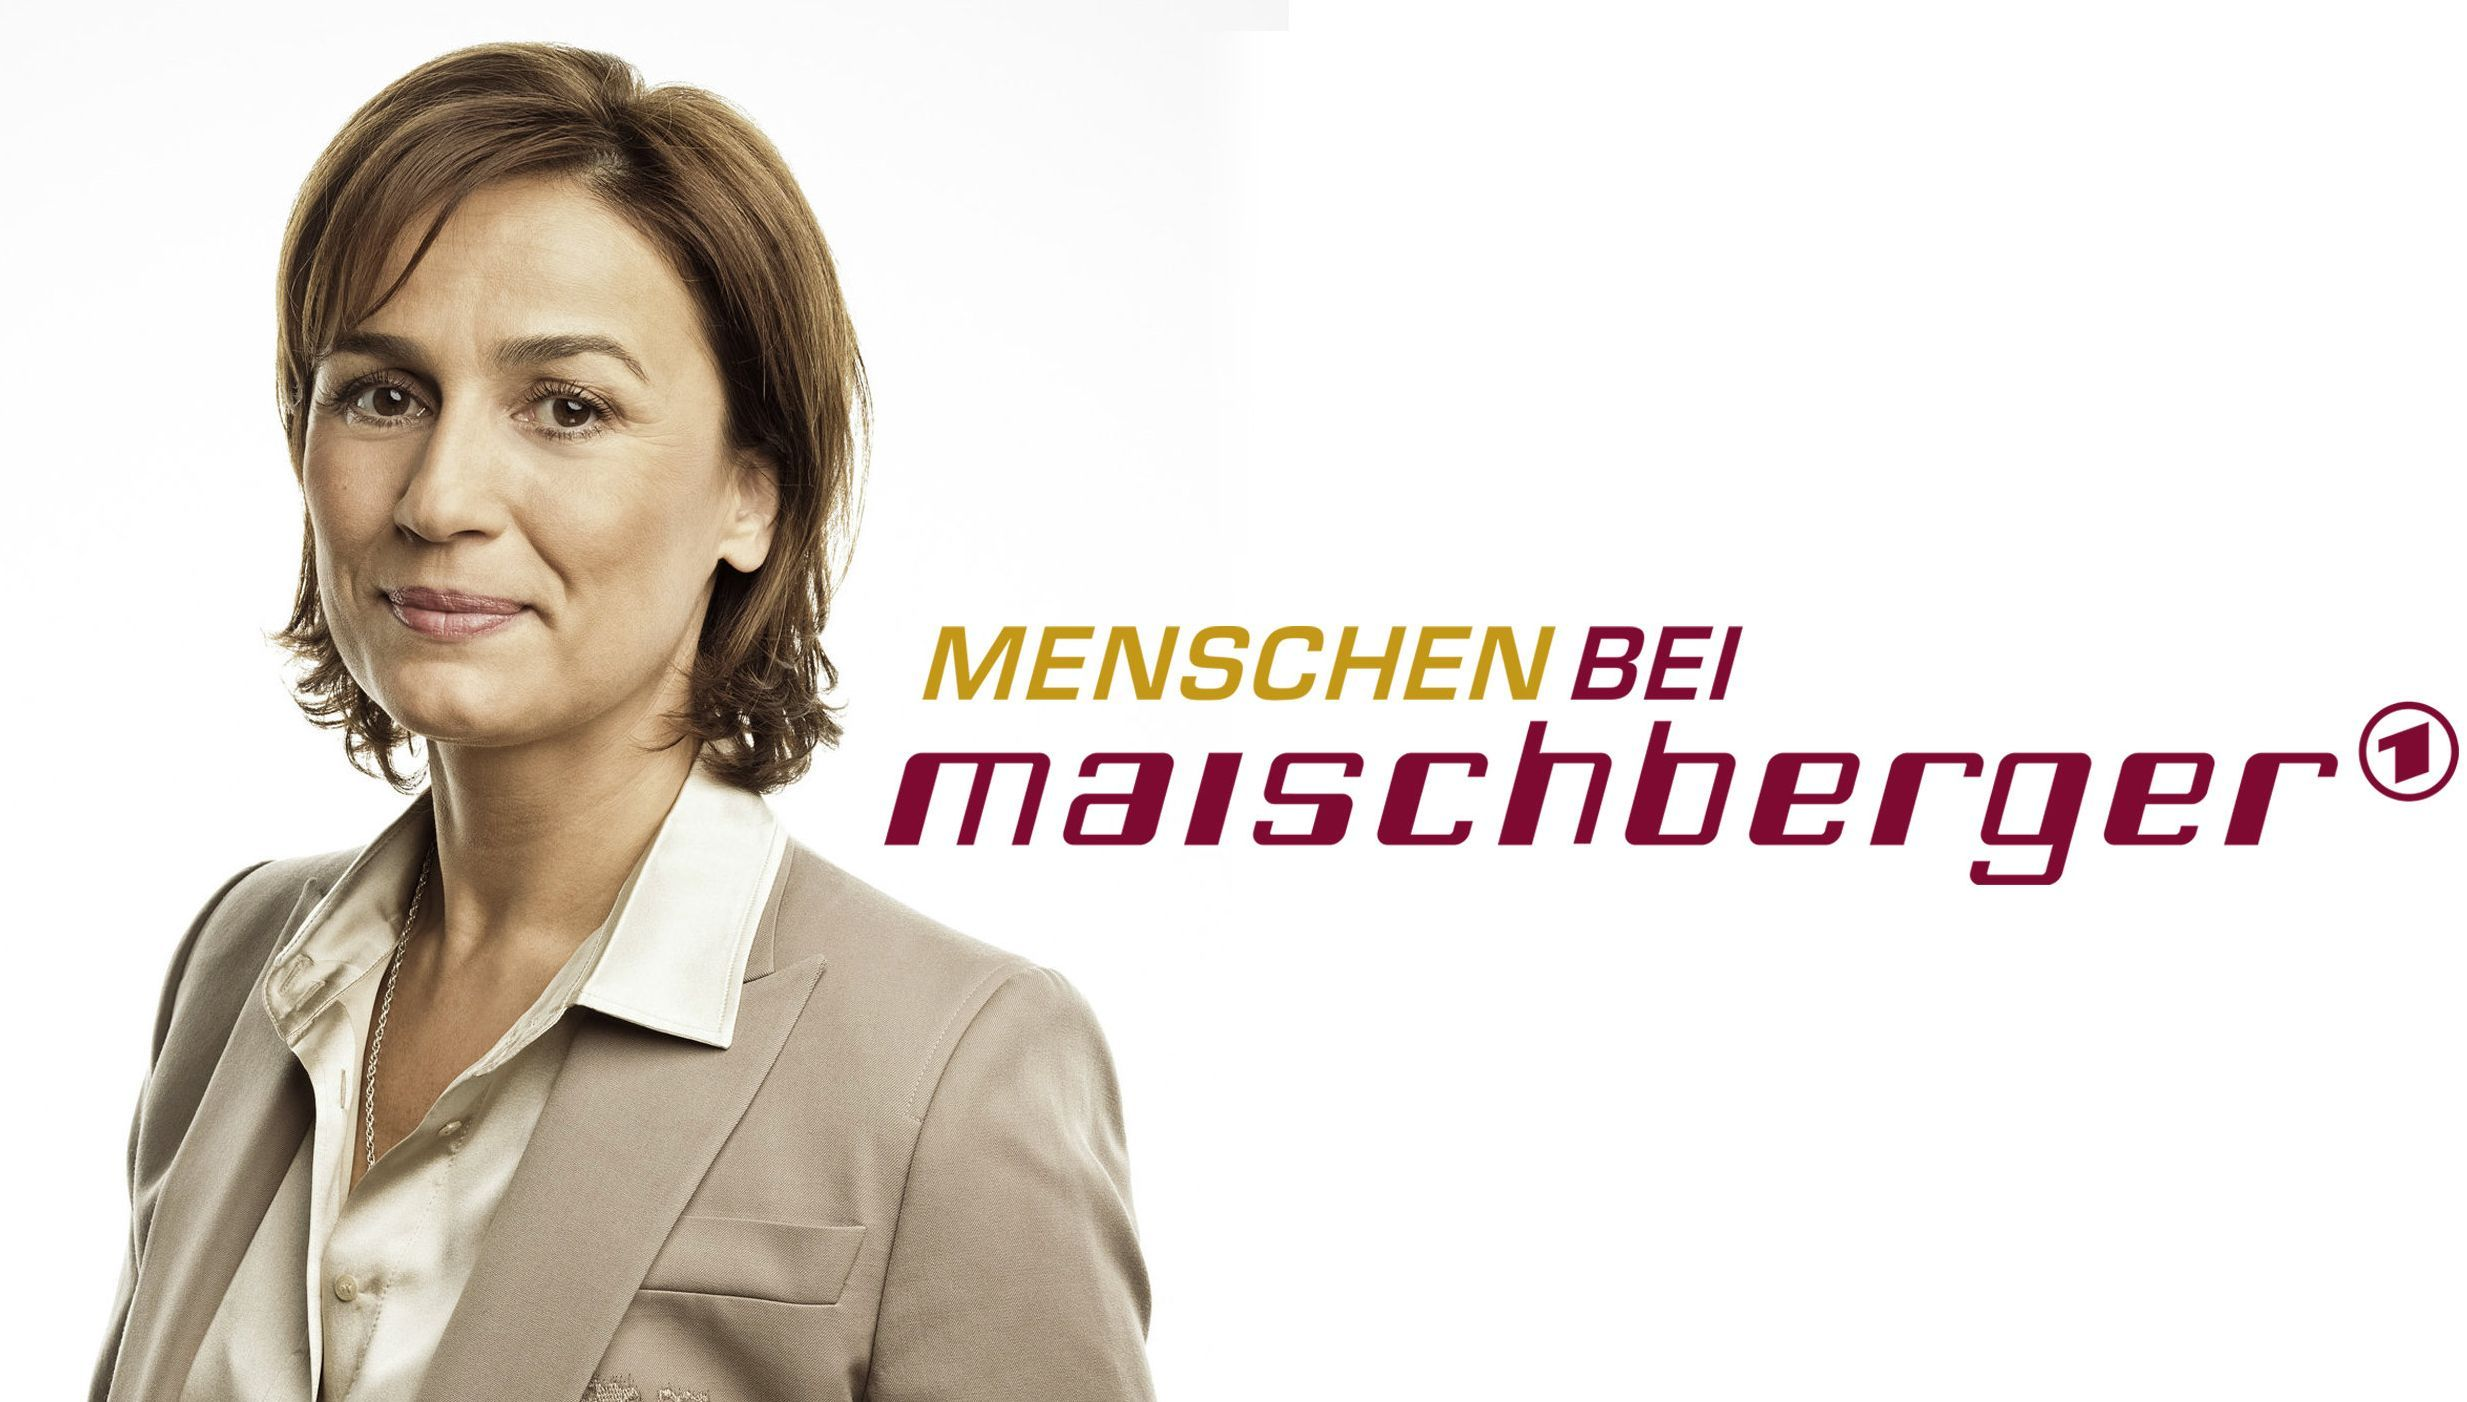 MENSCHEN BEI MAISCHBERGER, ab (30.08.11), immer dienstags um 22.45 Uhr im Ersten (75 Minuten).